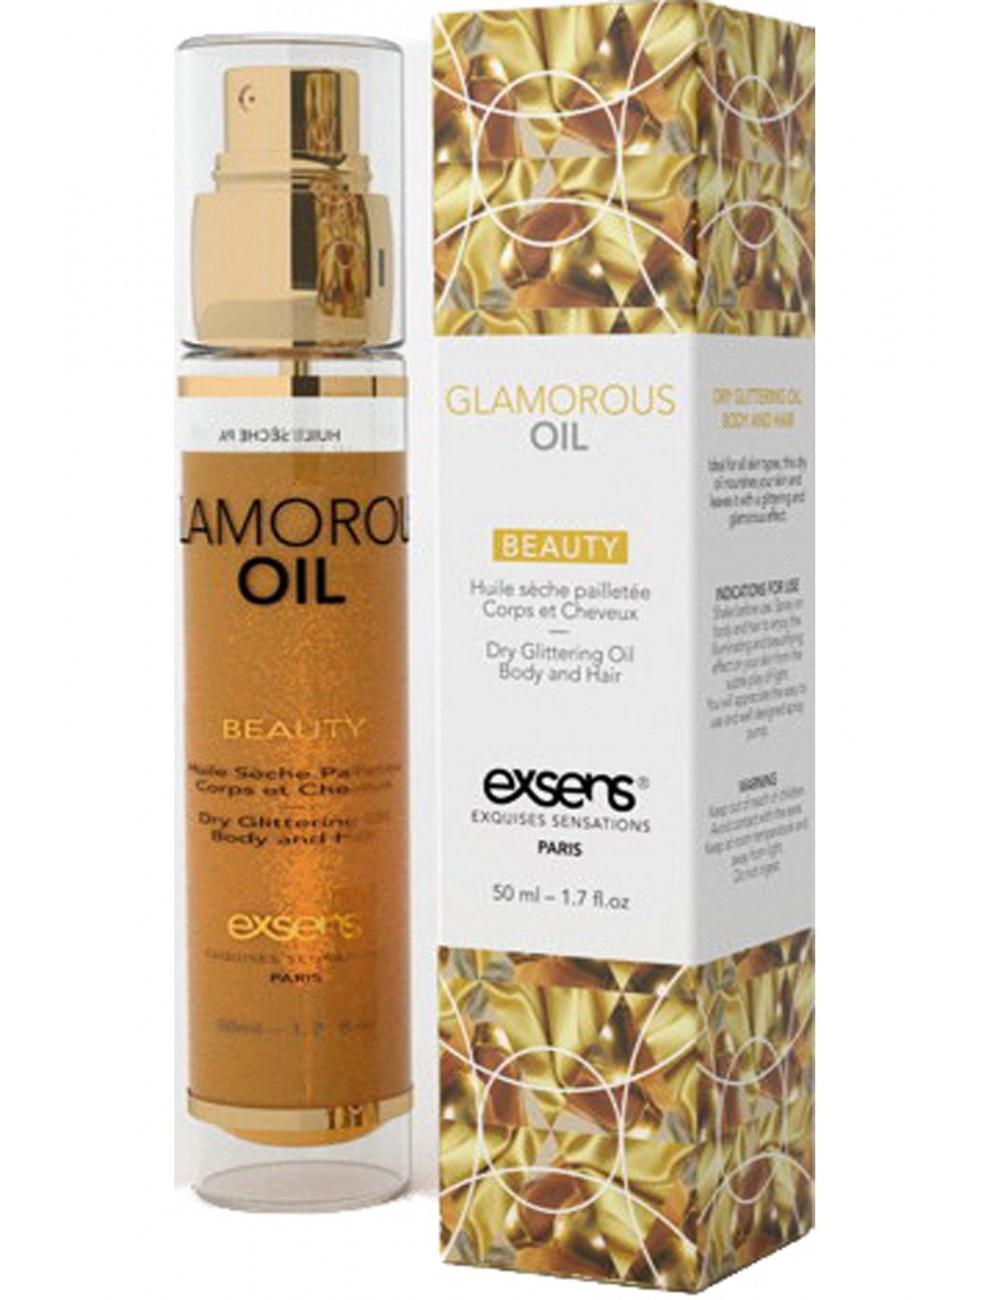 Huile sèche pailletée 50ml Glamorous amande douce pour une peau dorée - Huiles de massage - Exsens